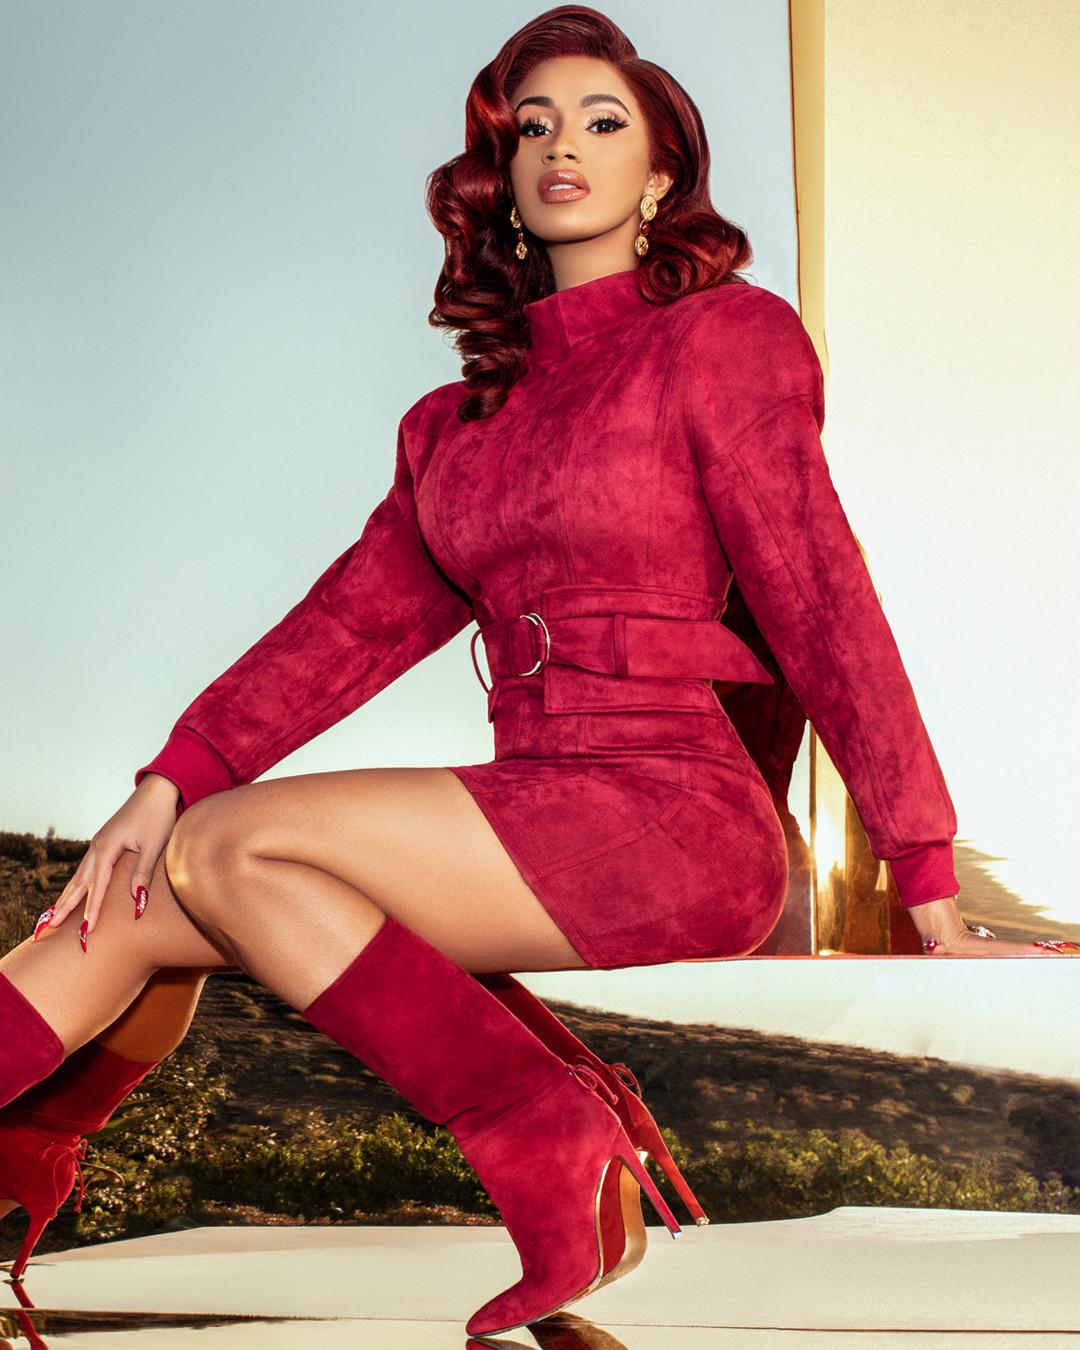 Cardi B Says Her Fashion Nova Line Looks High-End Like